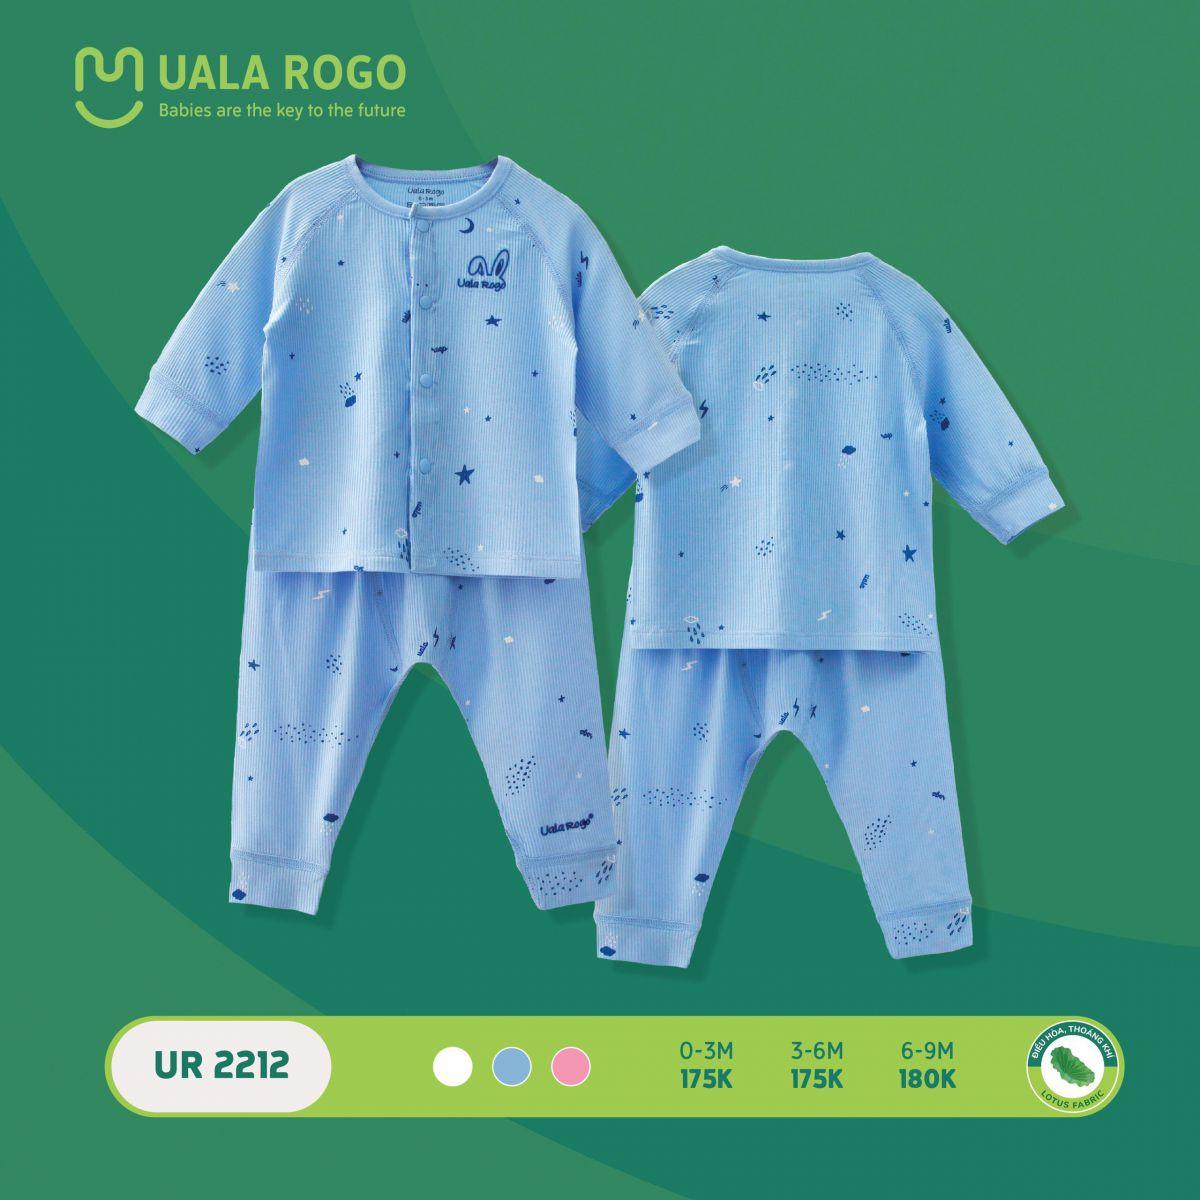 UR2212.3 - Bộ quần áo dài tay sơ sinh cài giữa vải sợi sen Uala Rogo - Màu xanh